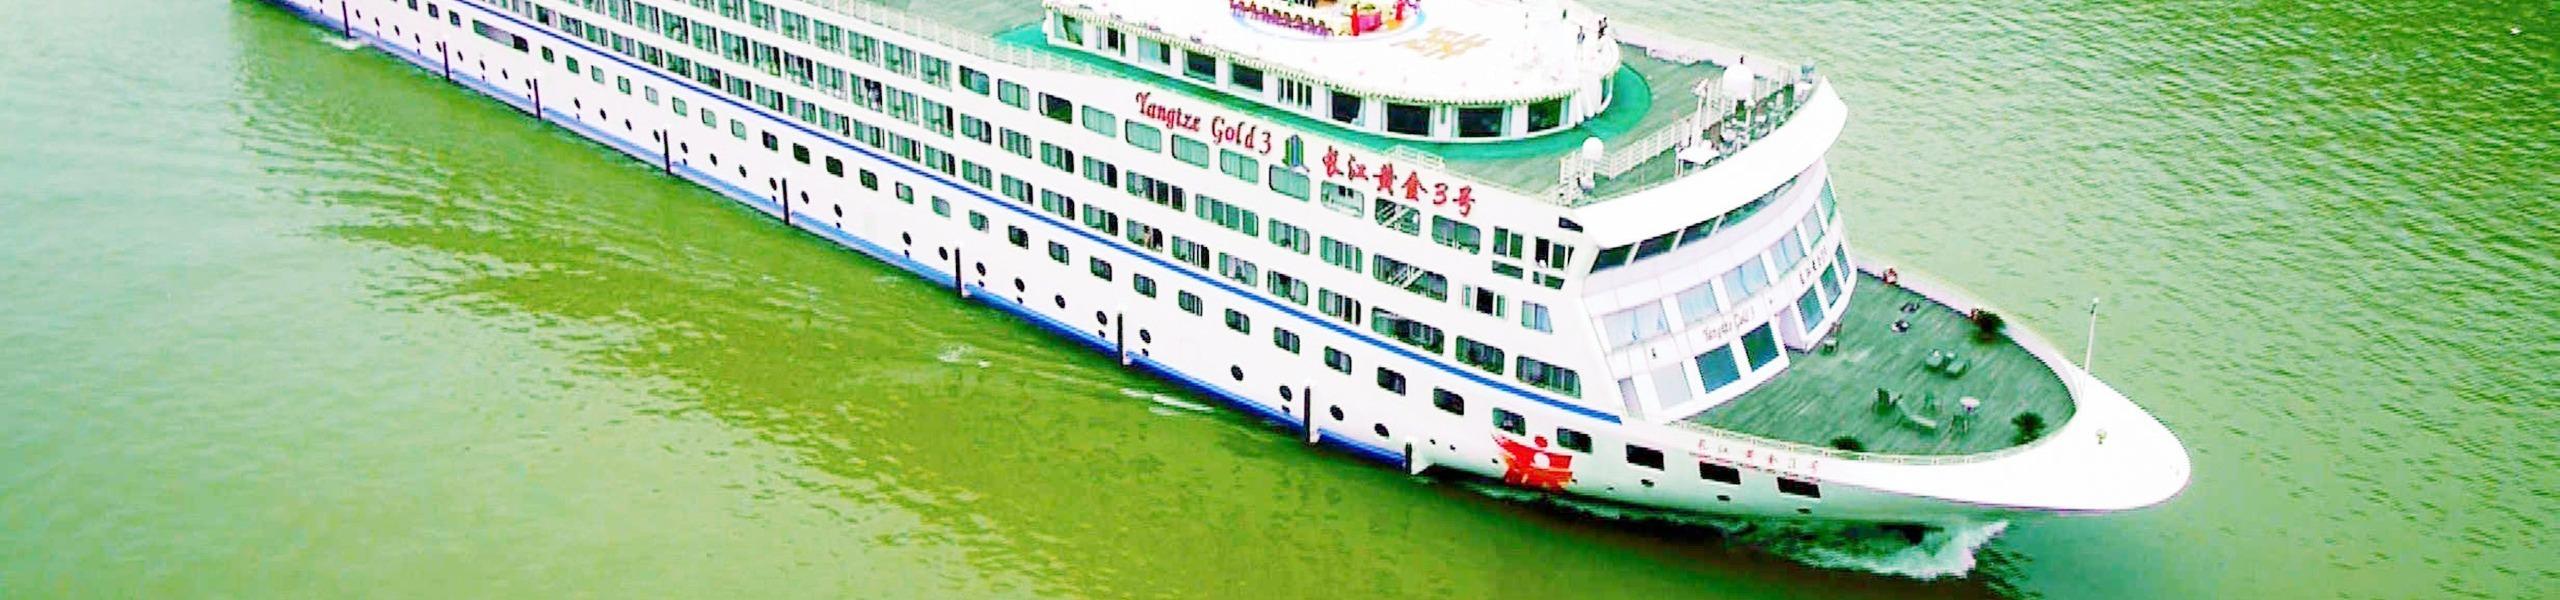 Yangtze Gold 3 Cruise